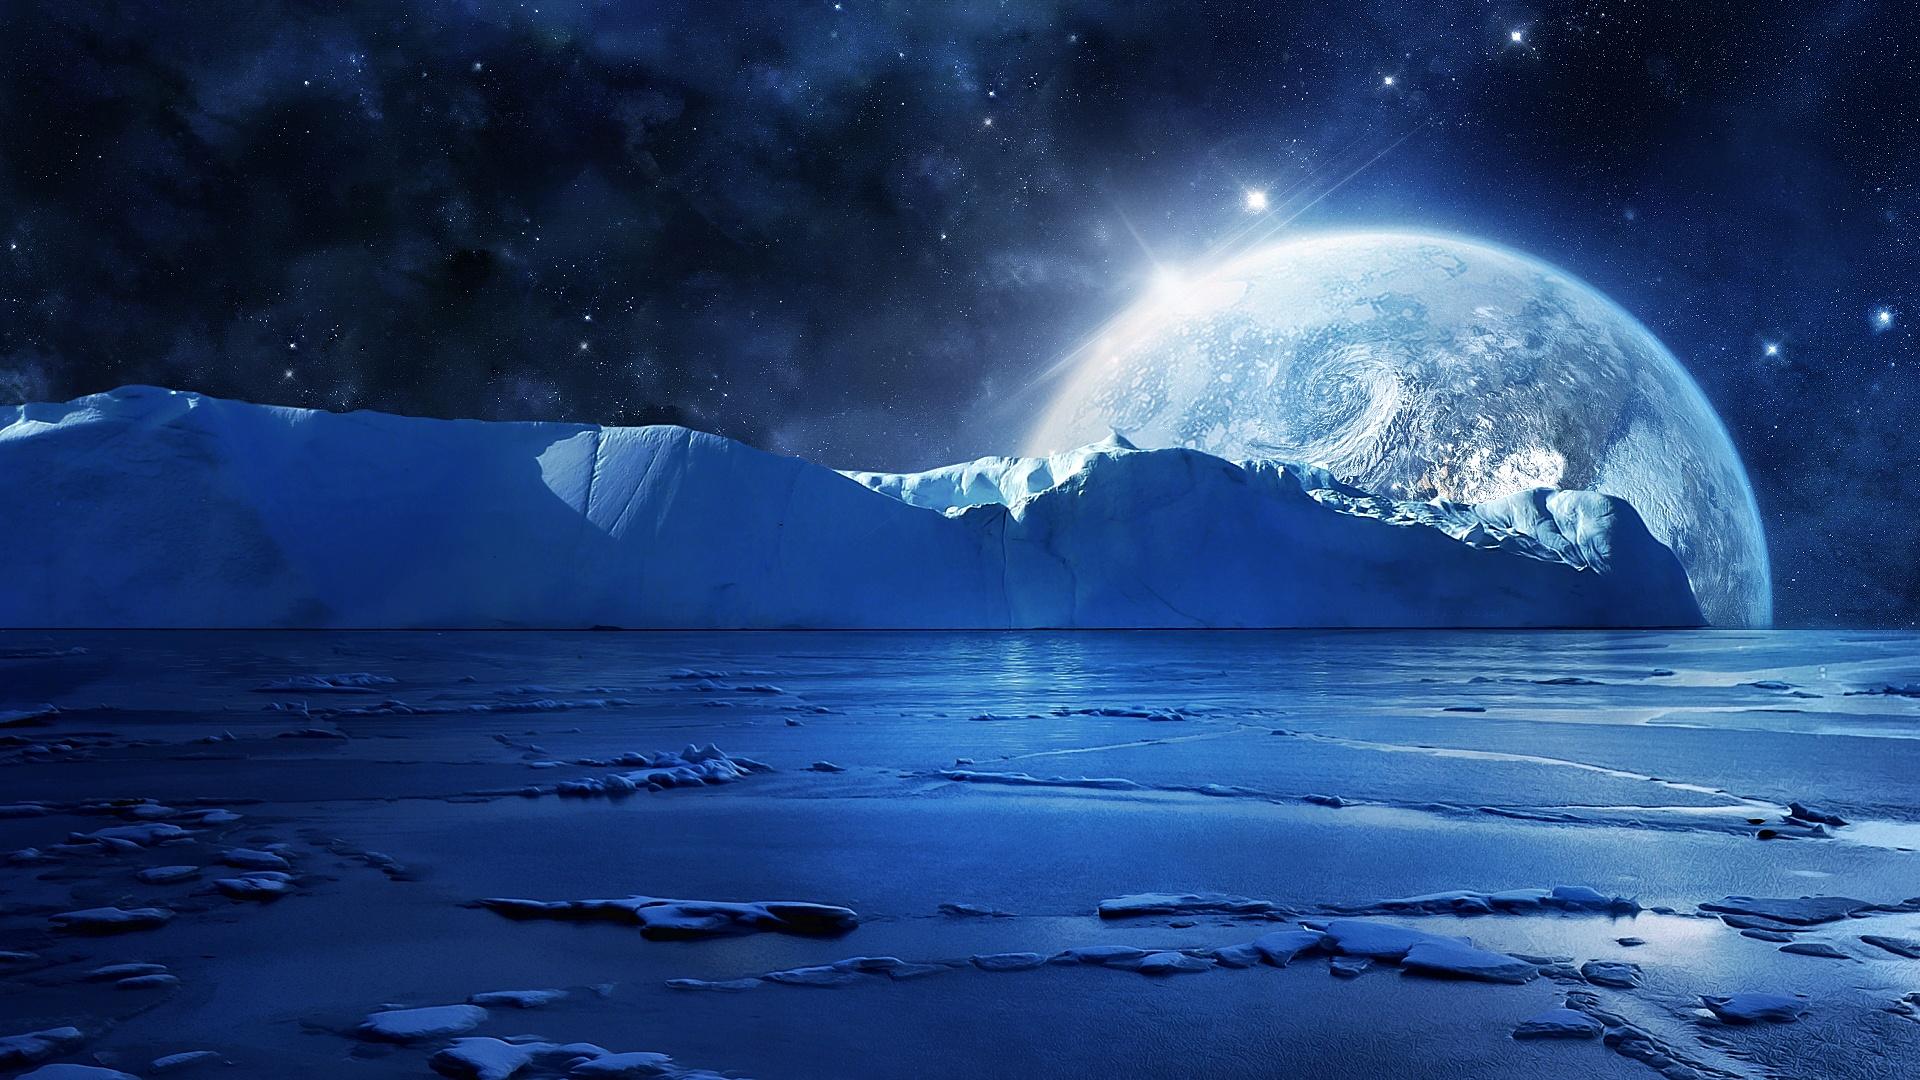 Blue Sea Agua Helada Y Fr&237a Noche Los Planetas Las Estrellas Fondos De Pantalla  1920x1080